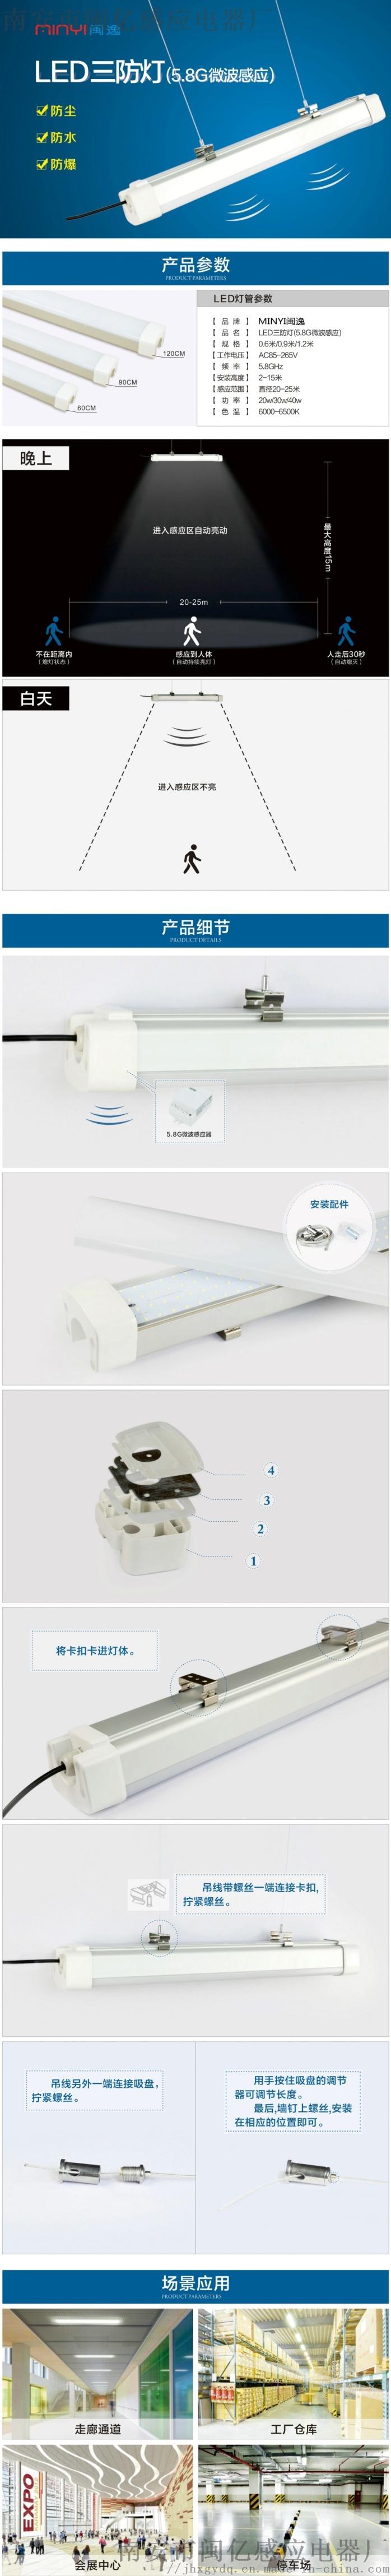 LED三防燈-2.jpg